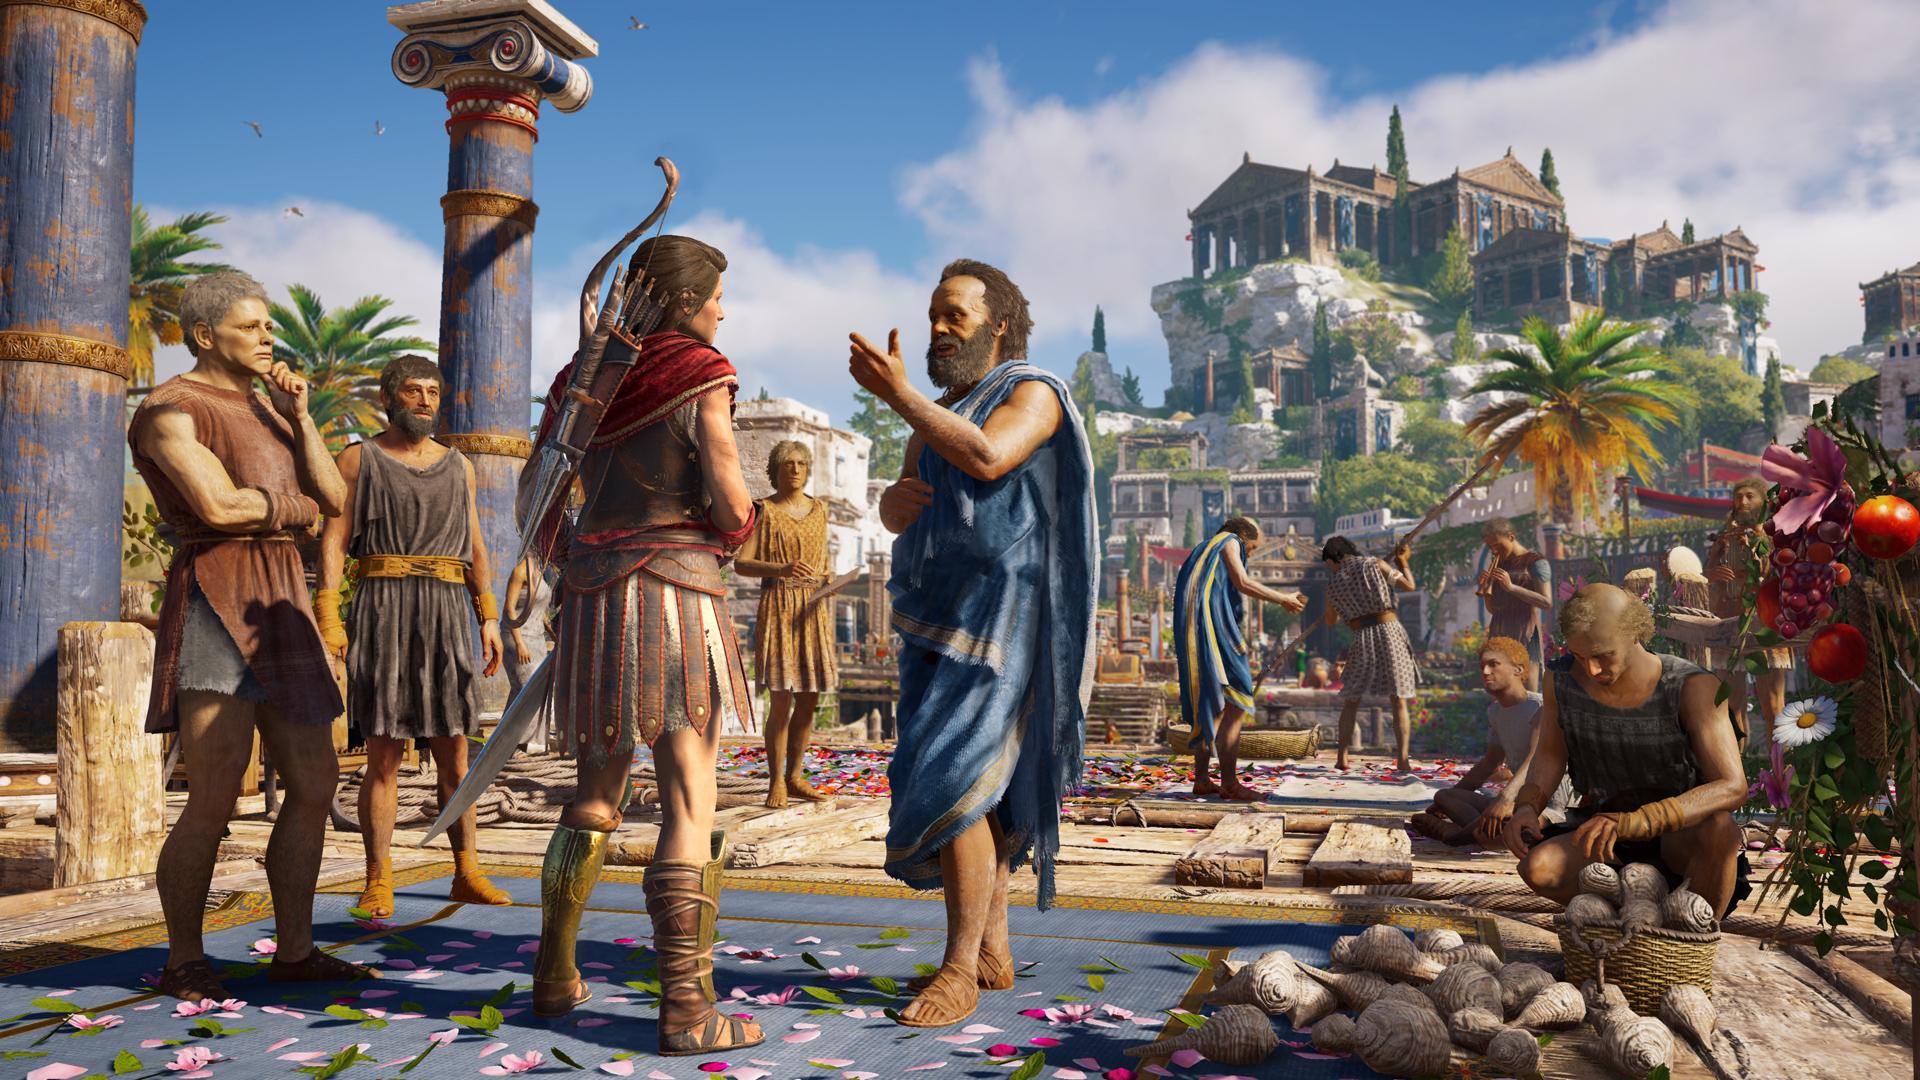 盘点近年PC开放世界游戏佳作:大作齐聚各显神通!